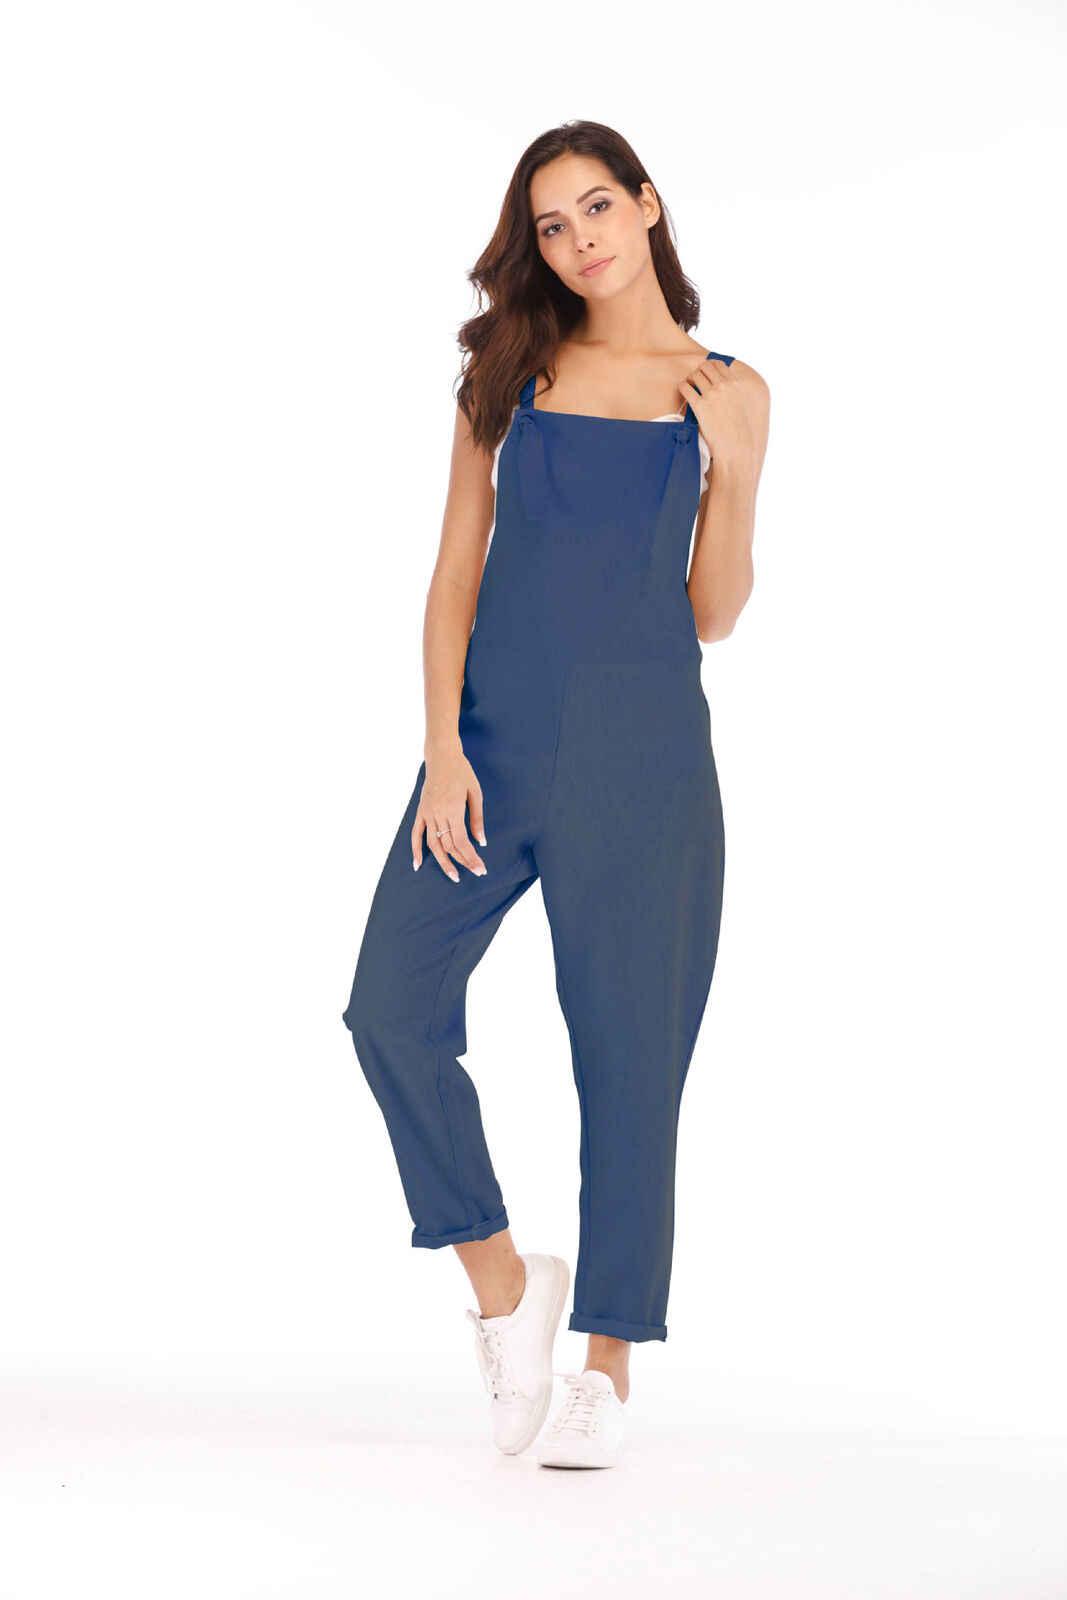 Новый женский комбинезон Бохо без рукавов Летний комбинезон Клубная одежда широкие брюки наряды